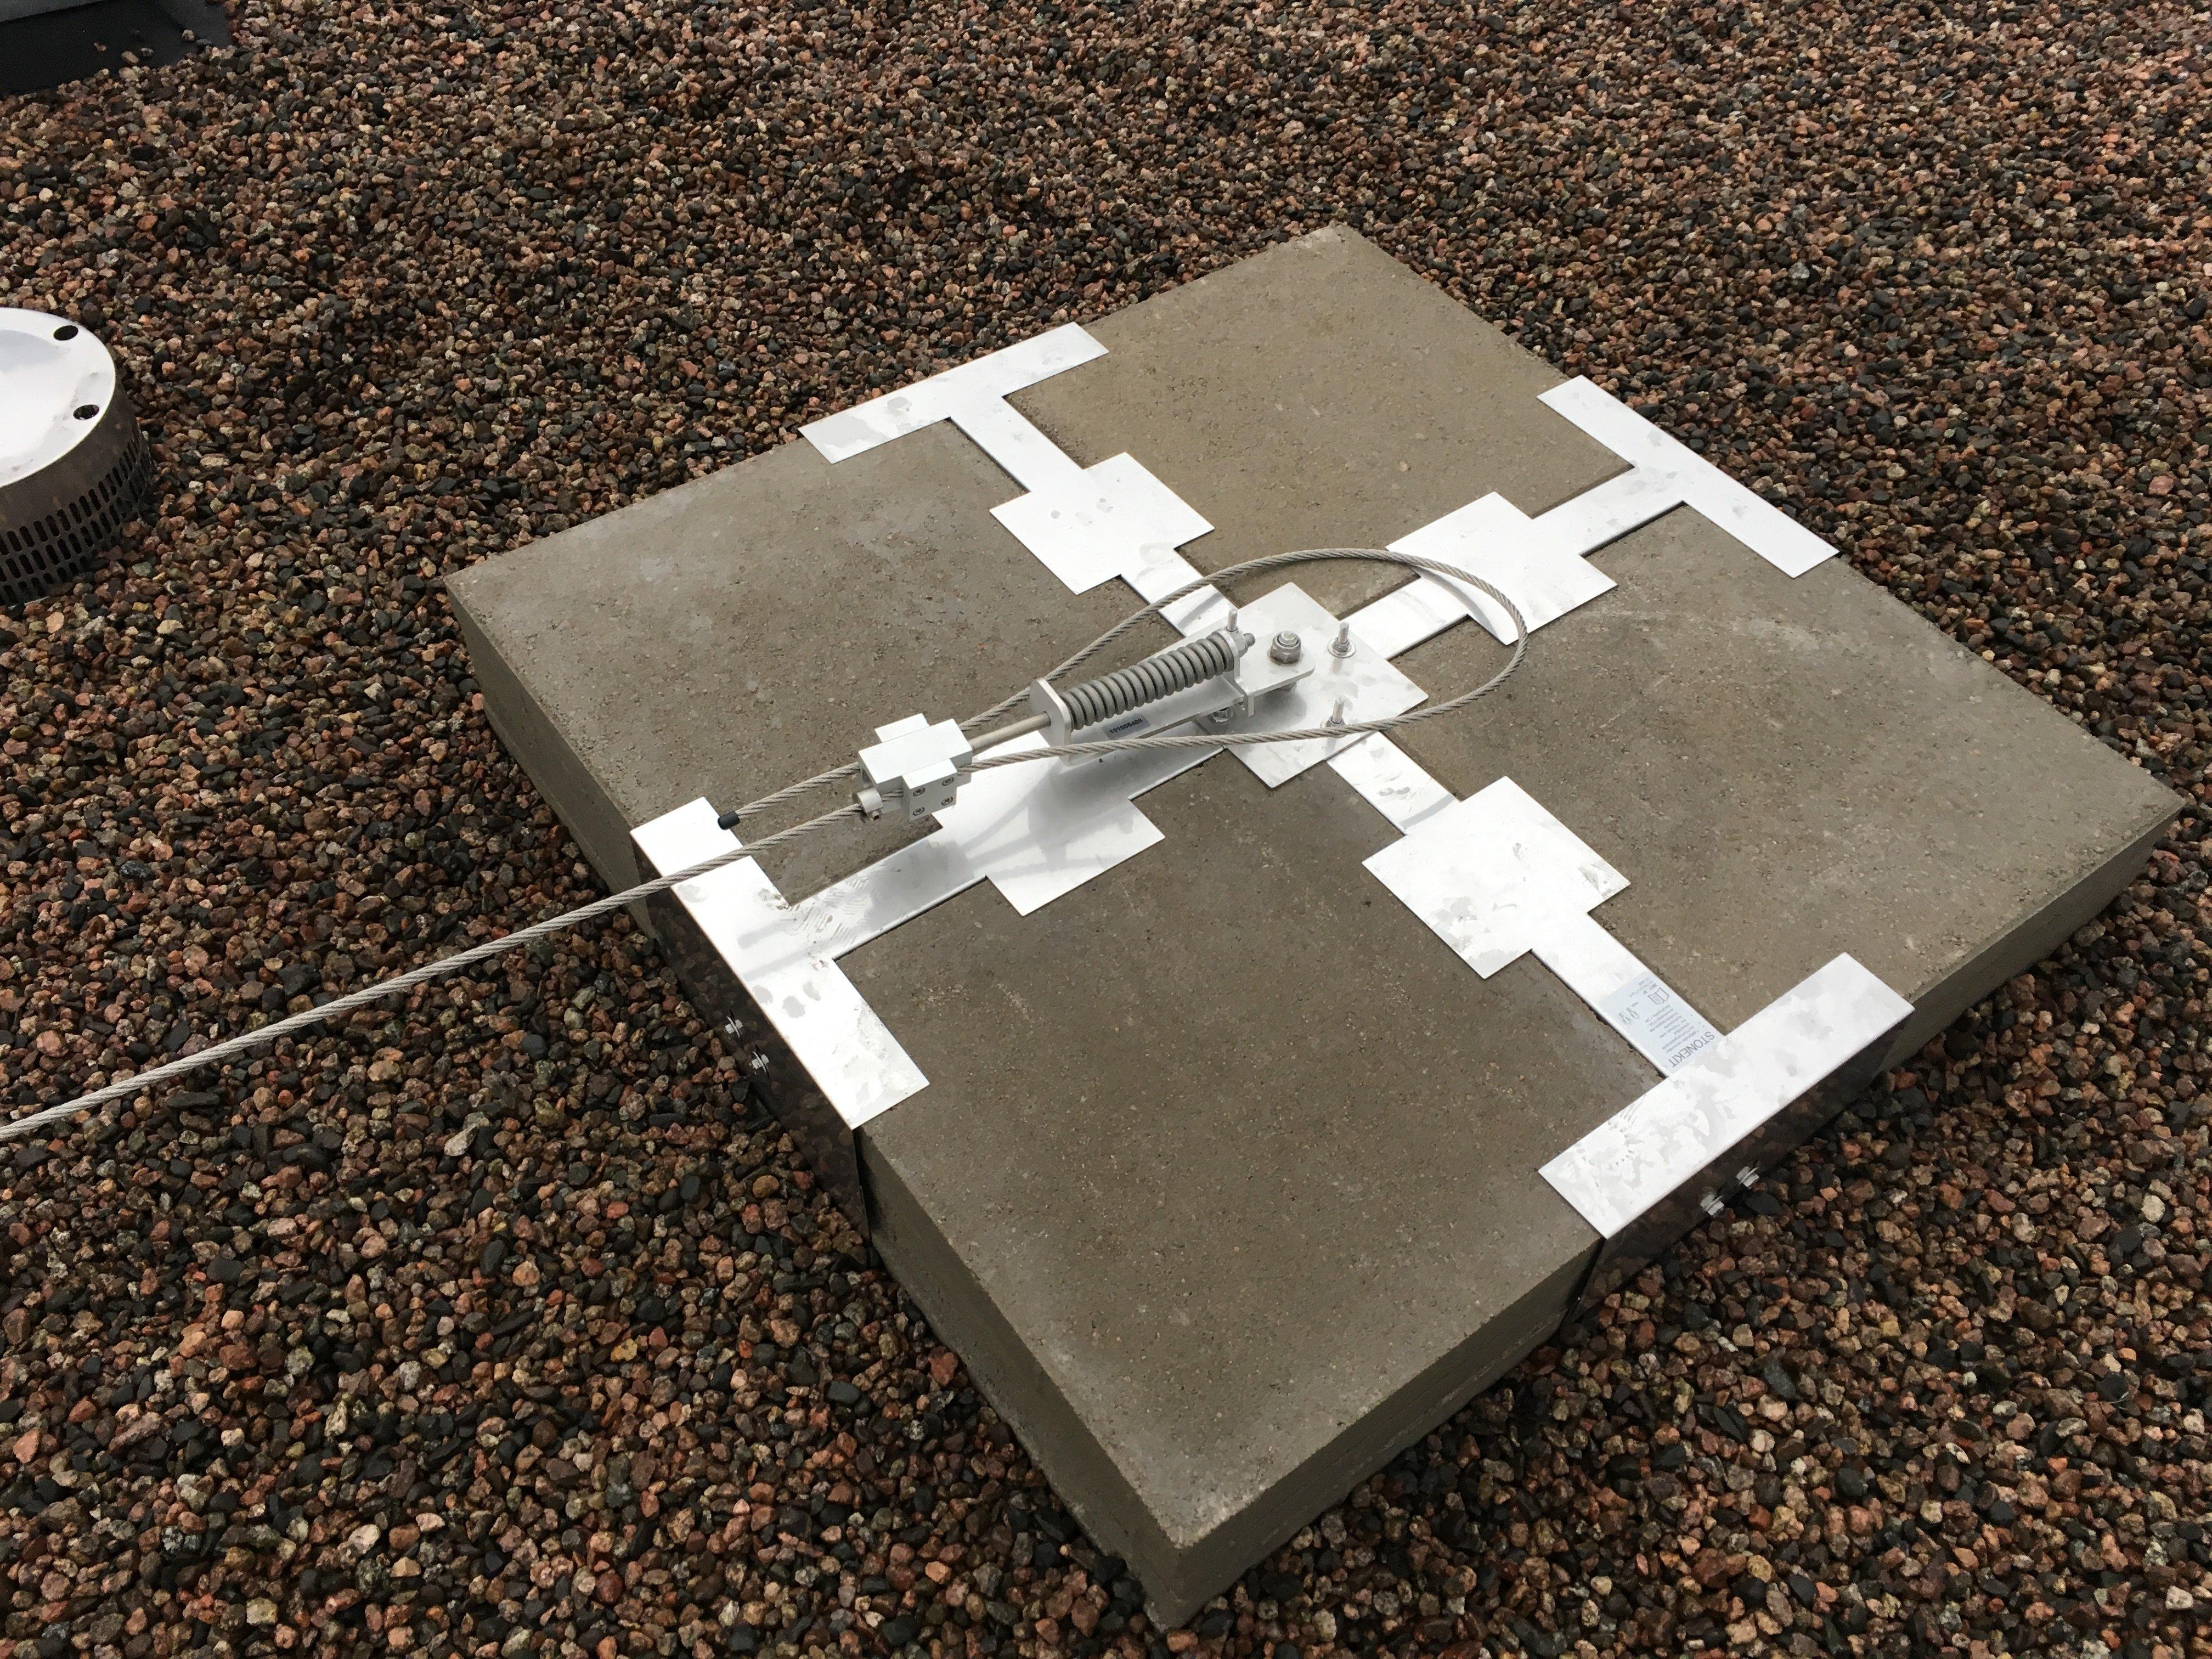 Stonekit vastapainopollariin voi kiinnittää turvalaitteet tasakatolla